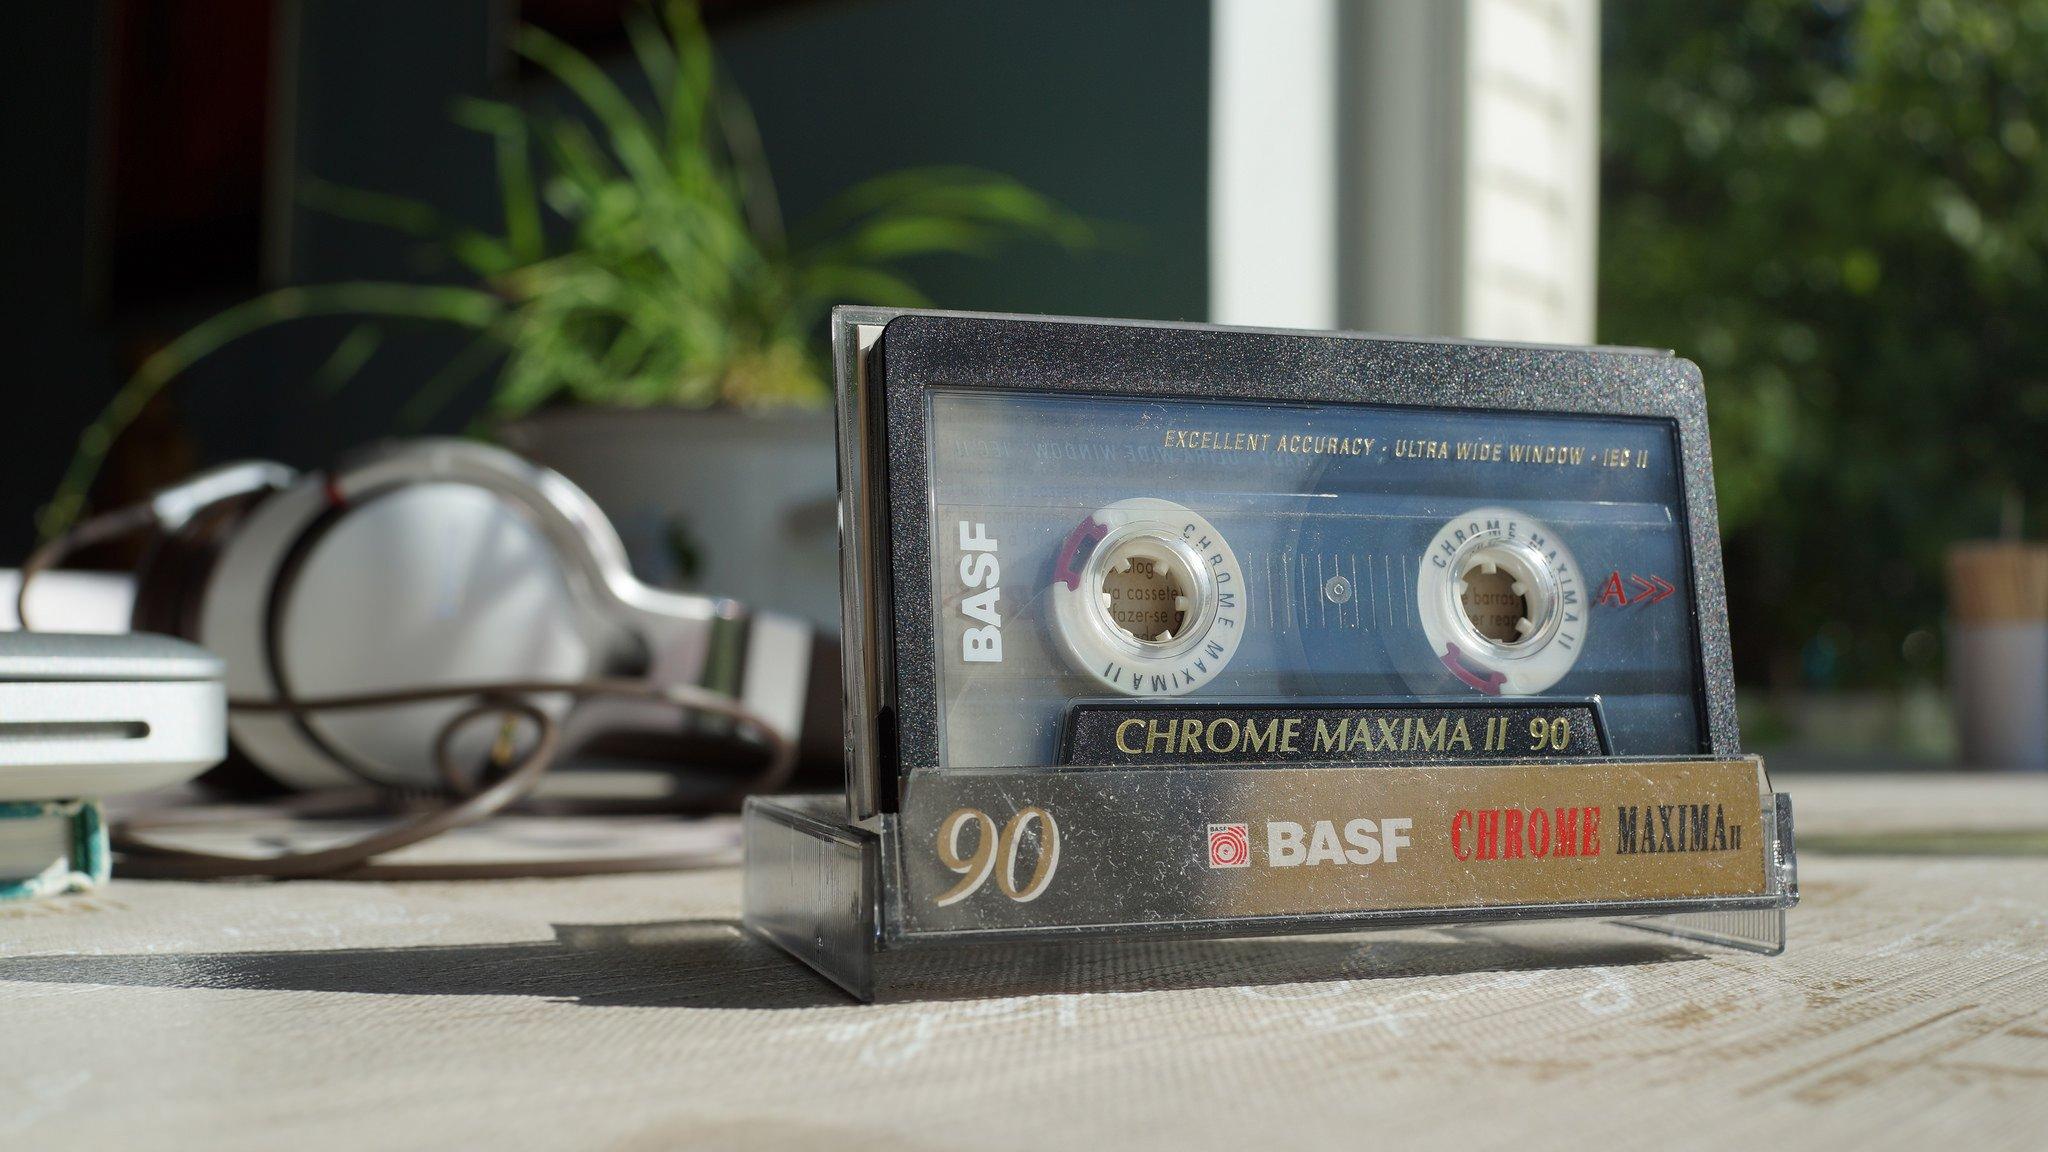 кассета с пленкой в виде сердца анонимно